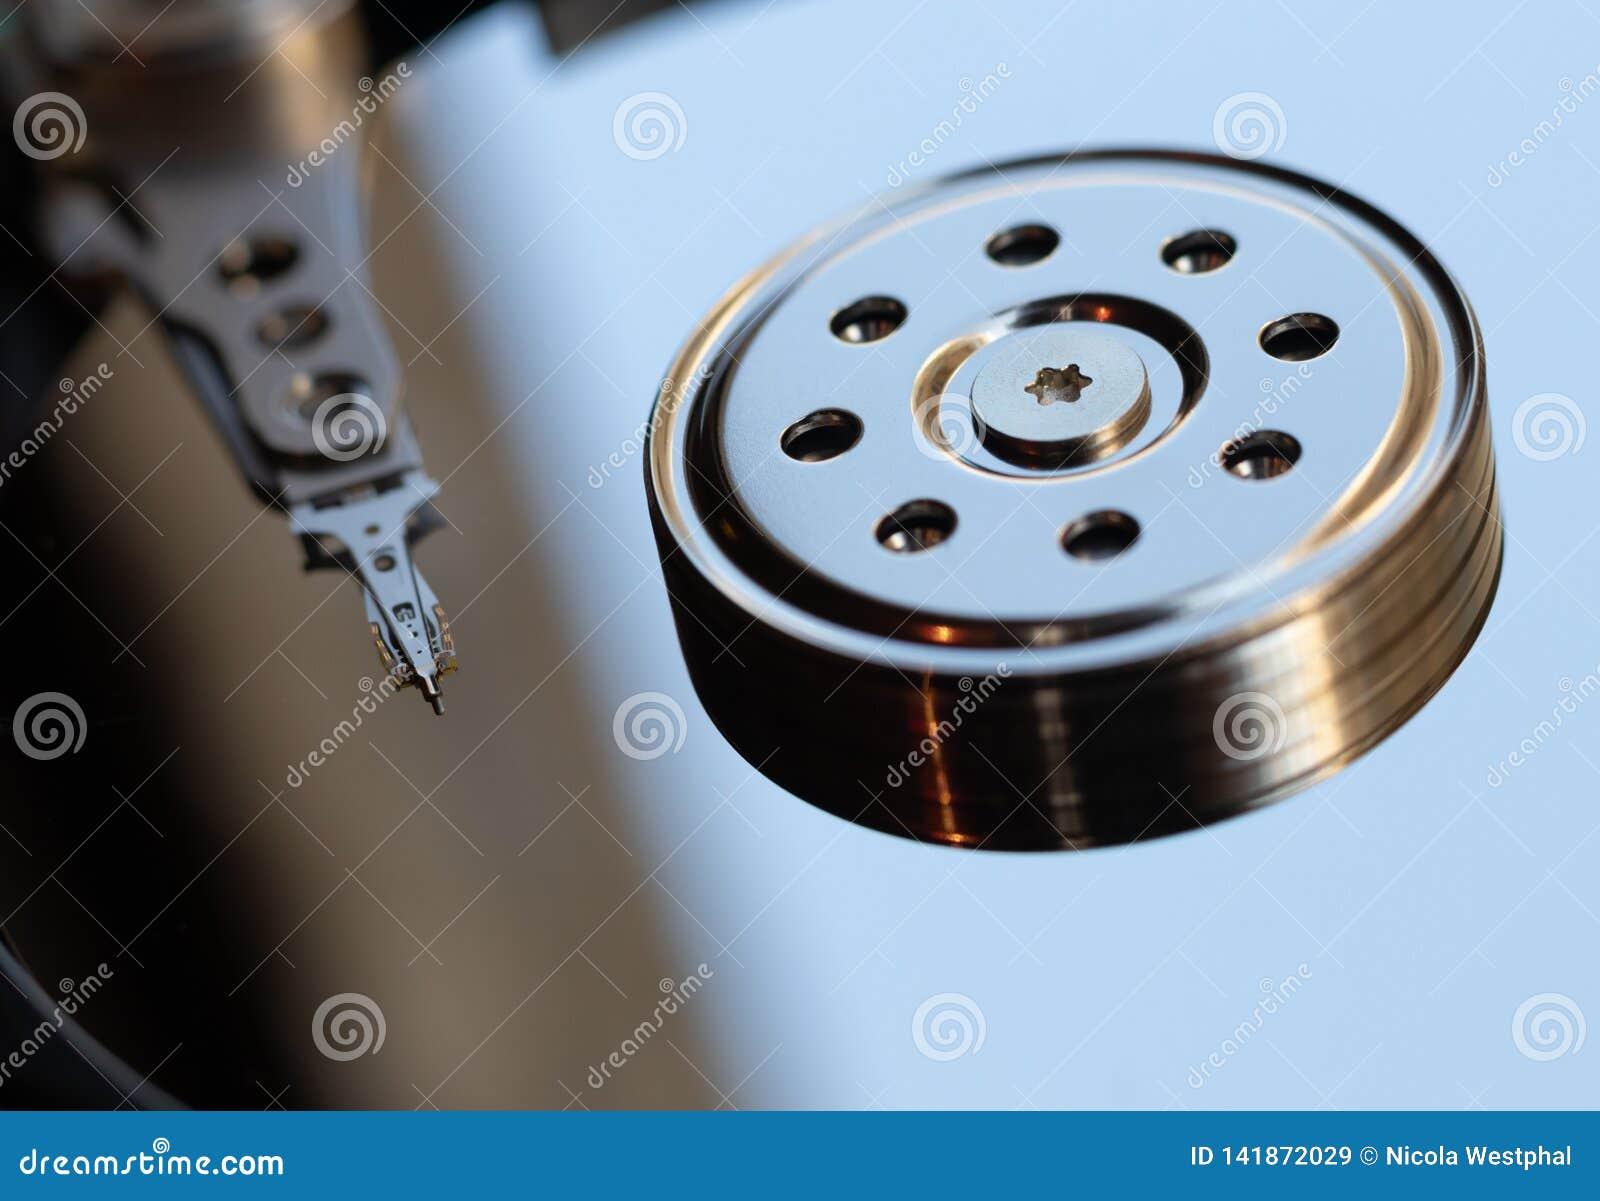 Festplattenlaufwerk - Servierplatte und Kopf